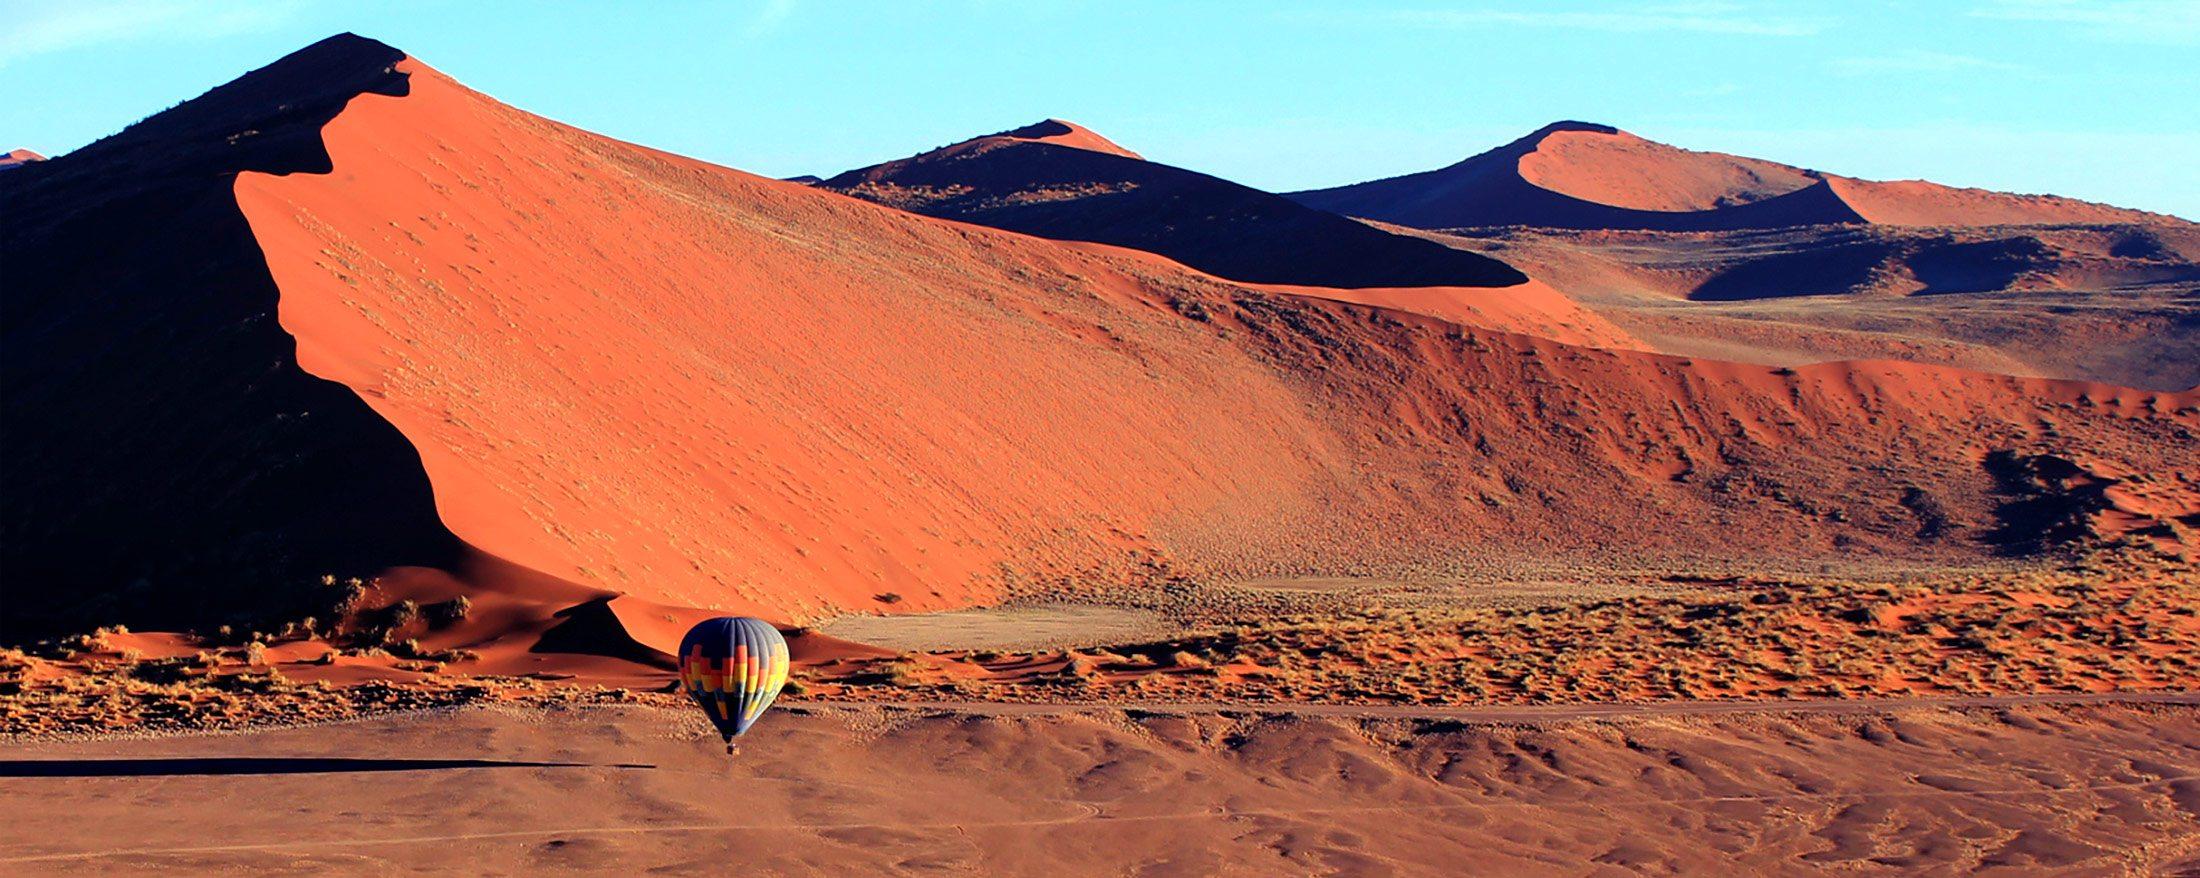 BANNER-Namibia_Sossusvlei_NamibSkyBalloonSafaris_BalloonInDunes2.jpg